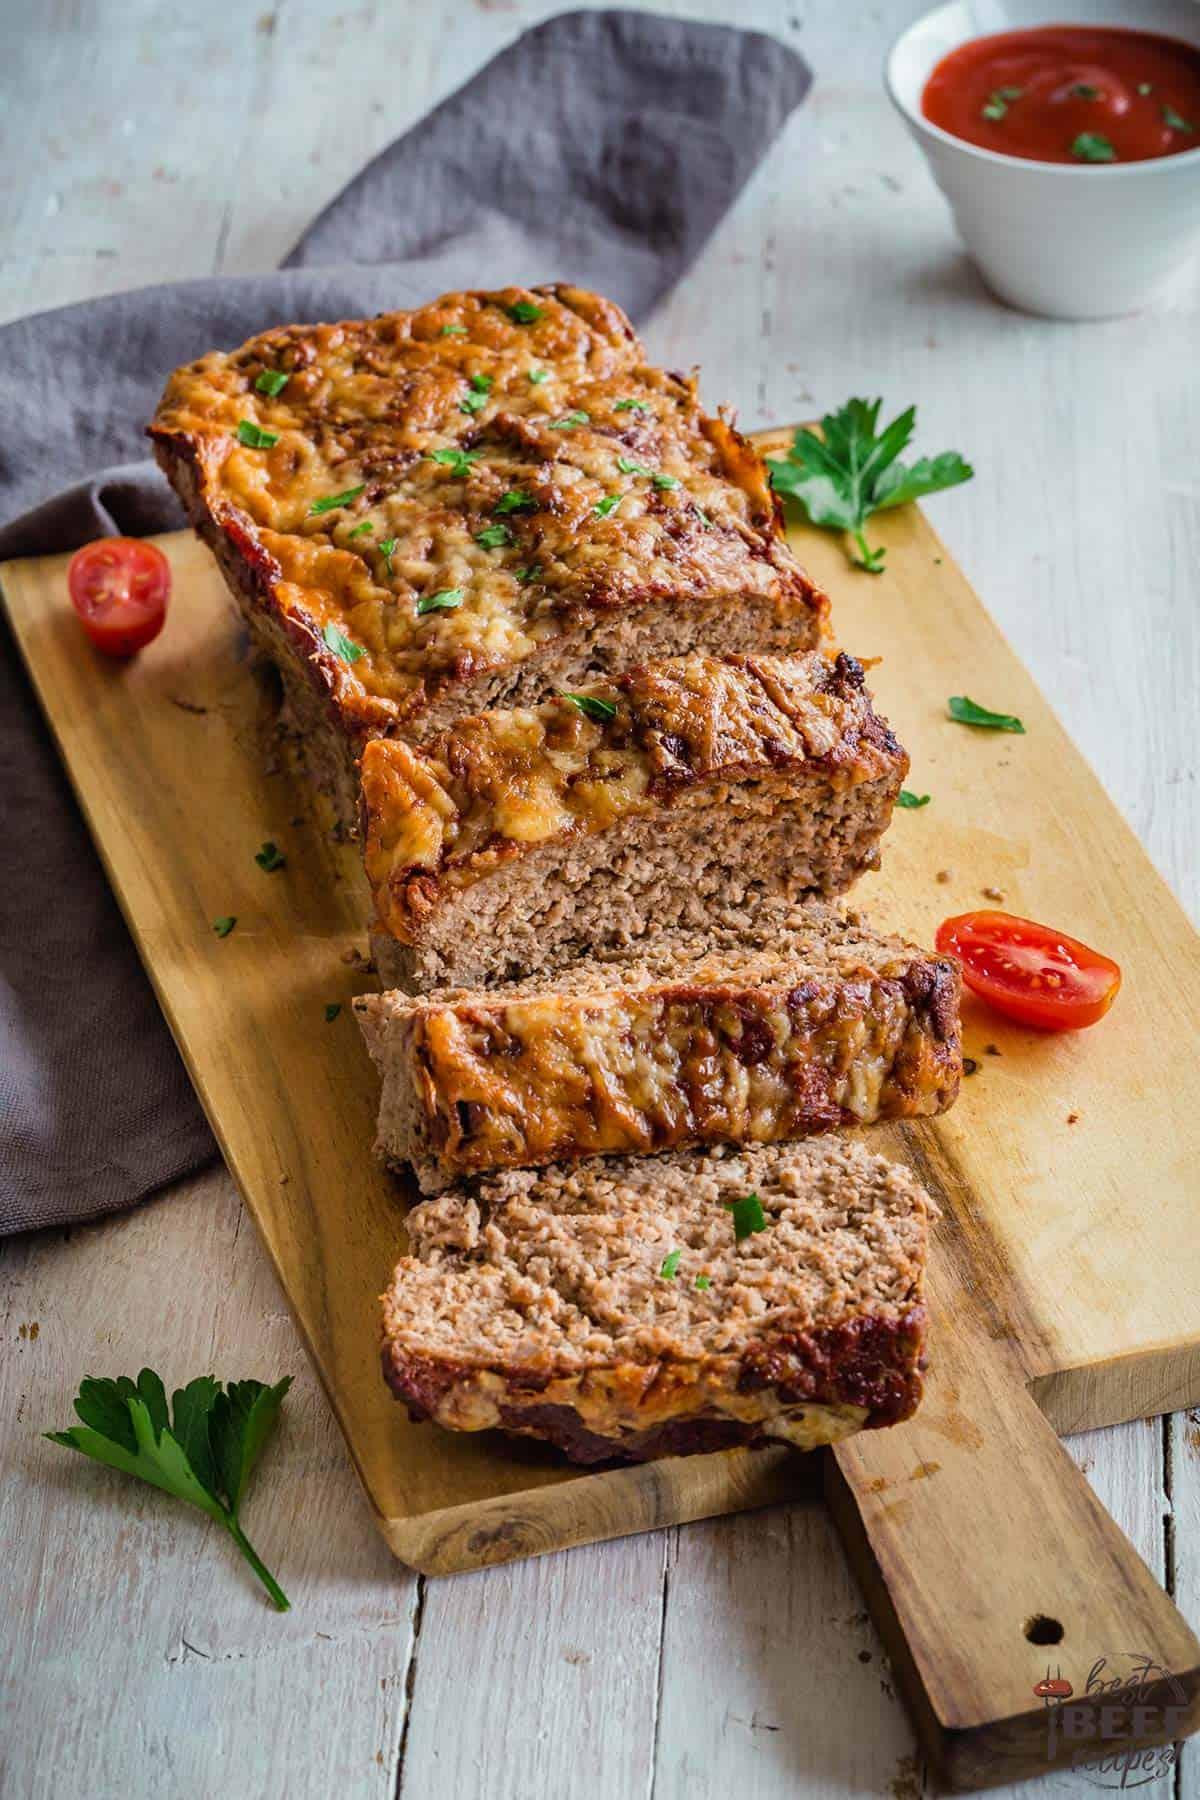 Complete keto meatloaf on a serving board